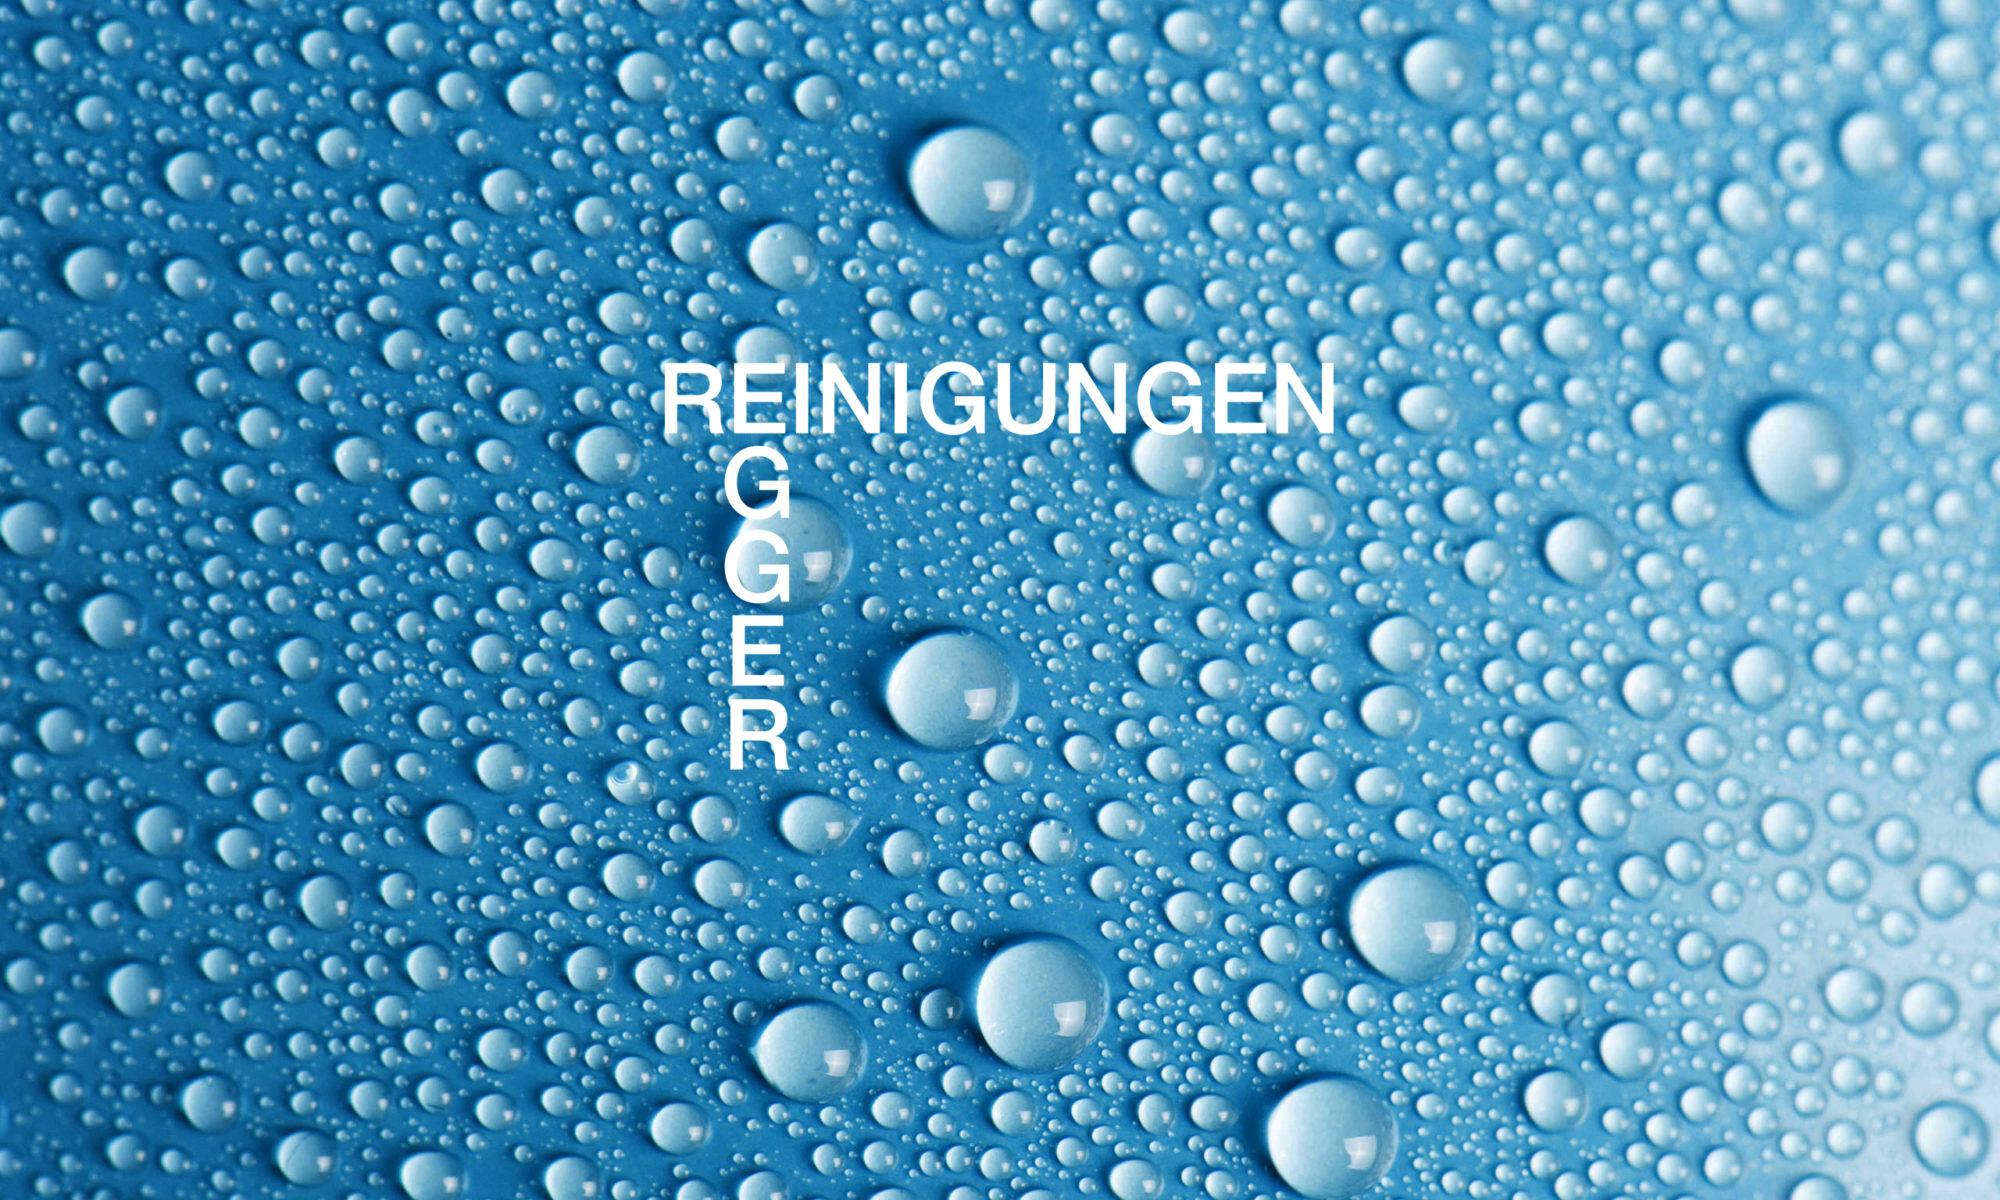 Egger Reinigungen GmbH